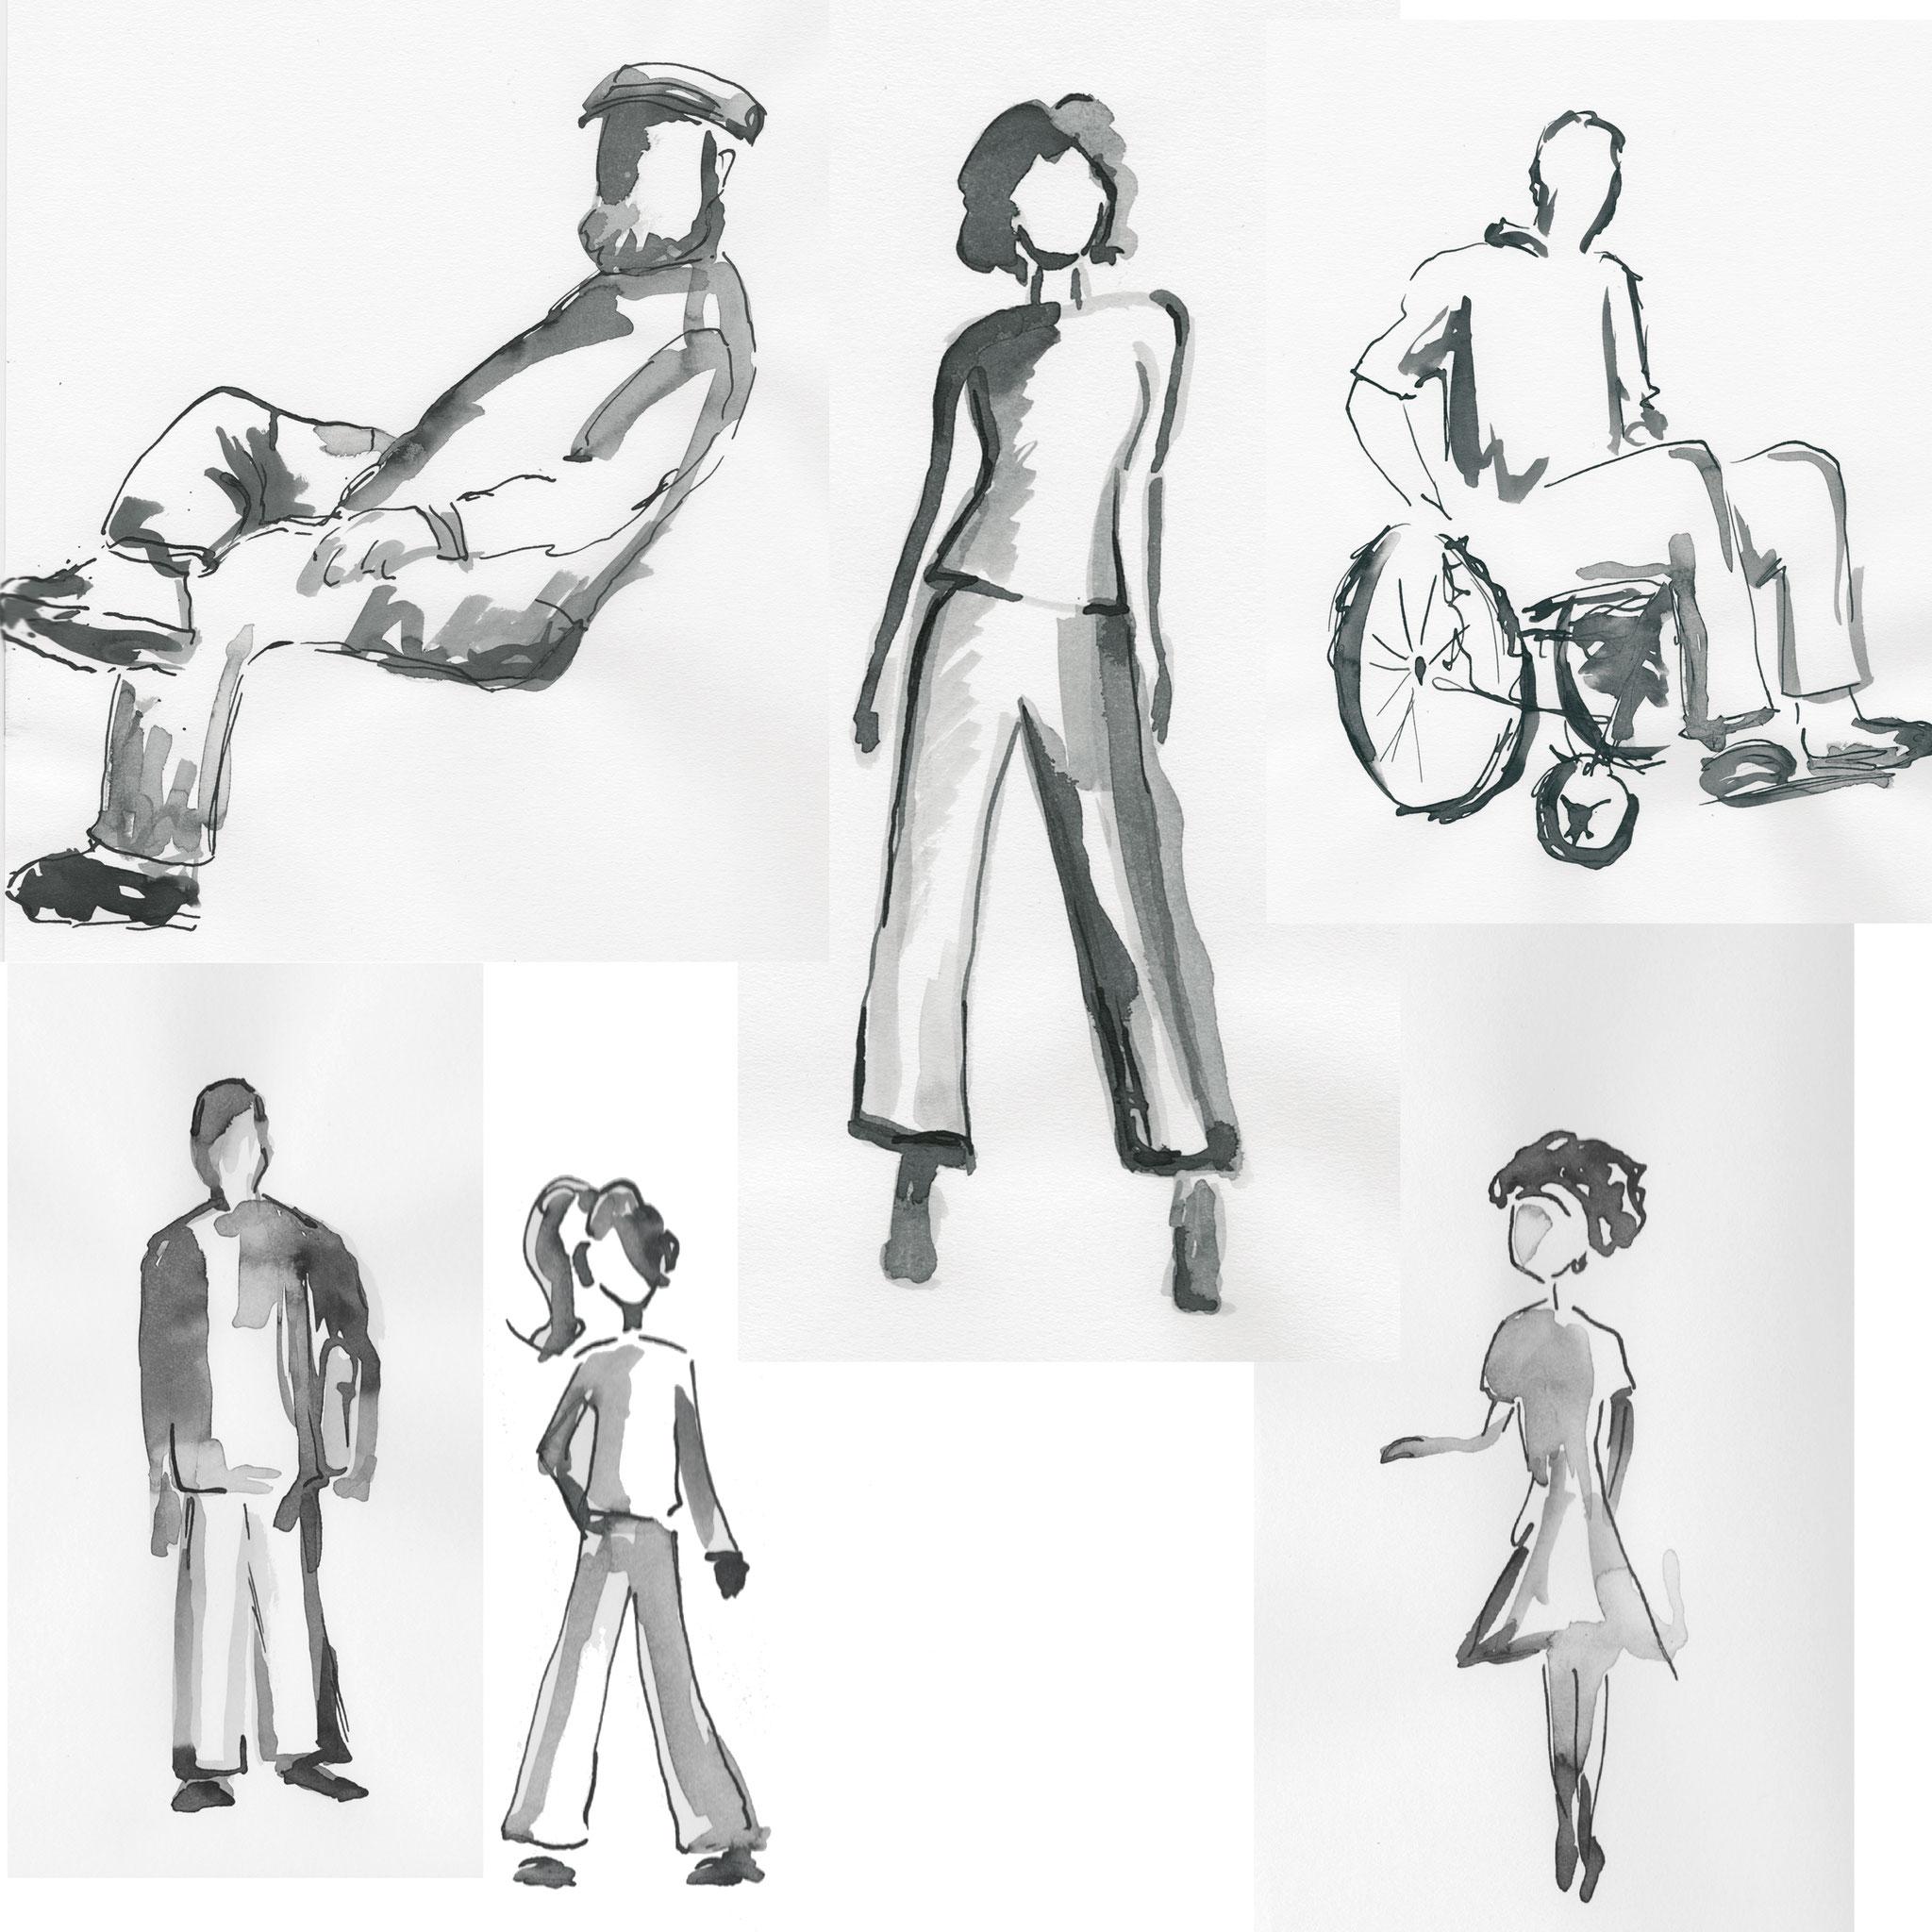 Skizzen zum Thema Diversity & Inclusion / Tusche / Beipsiellayouts für Pleon